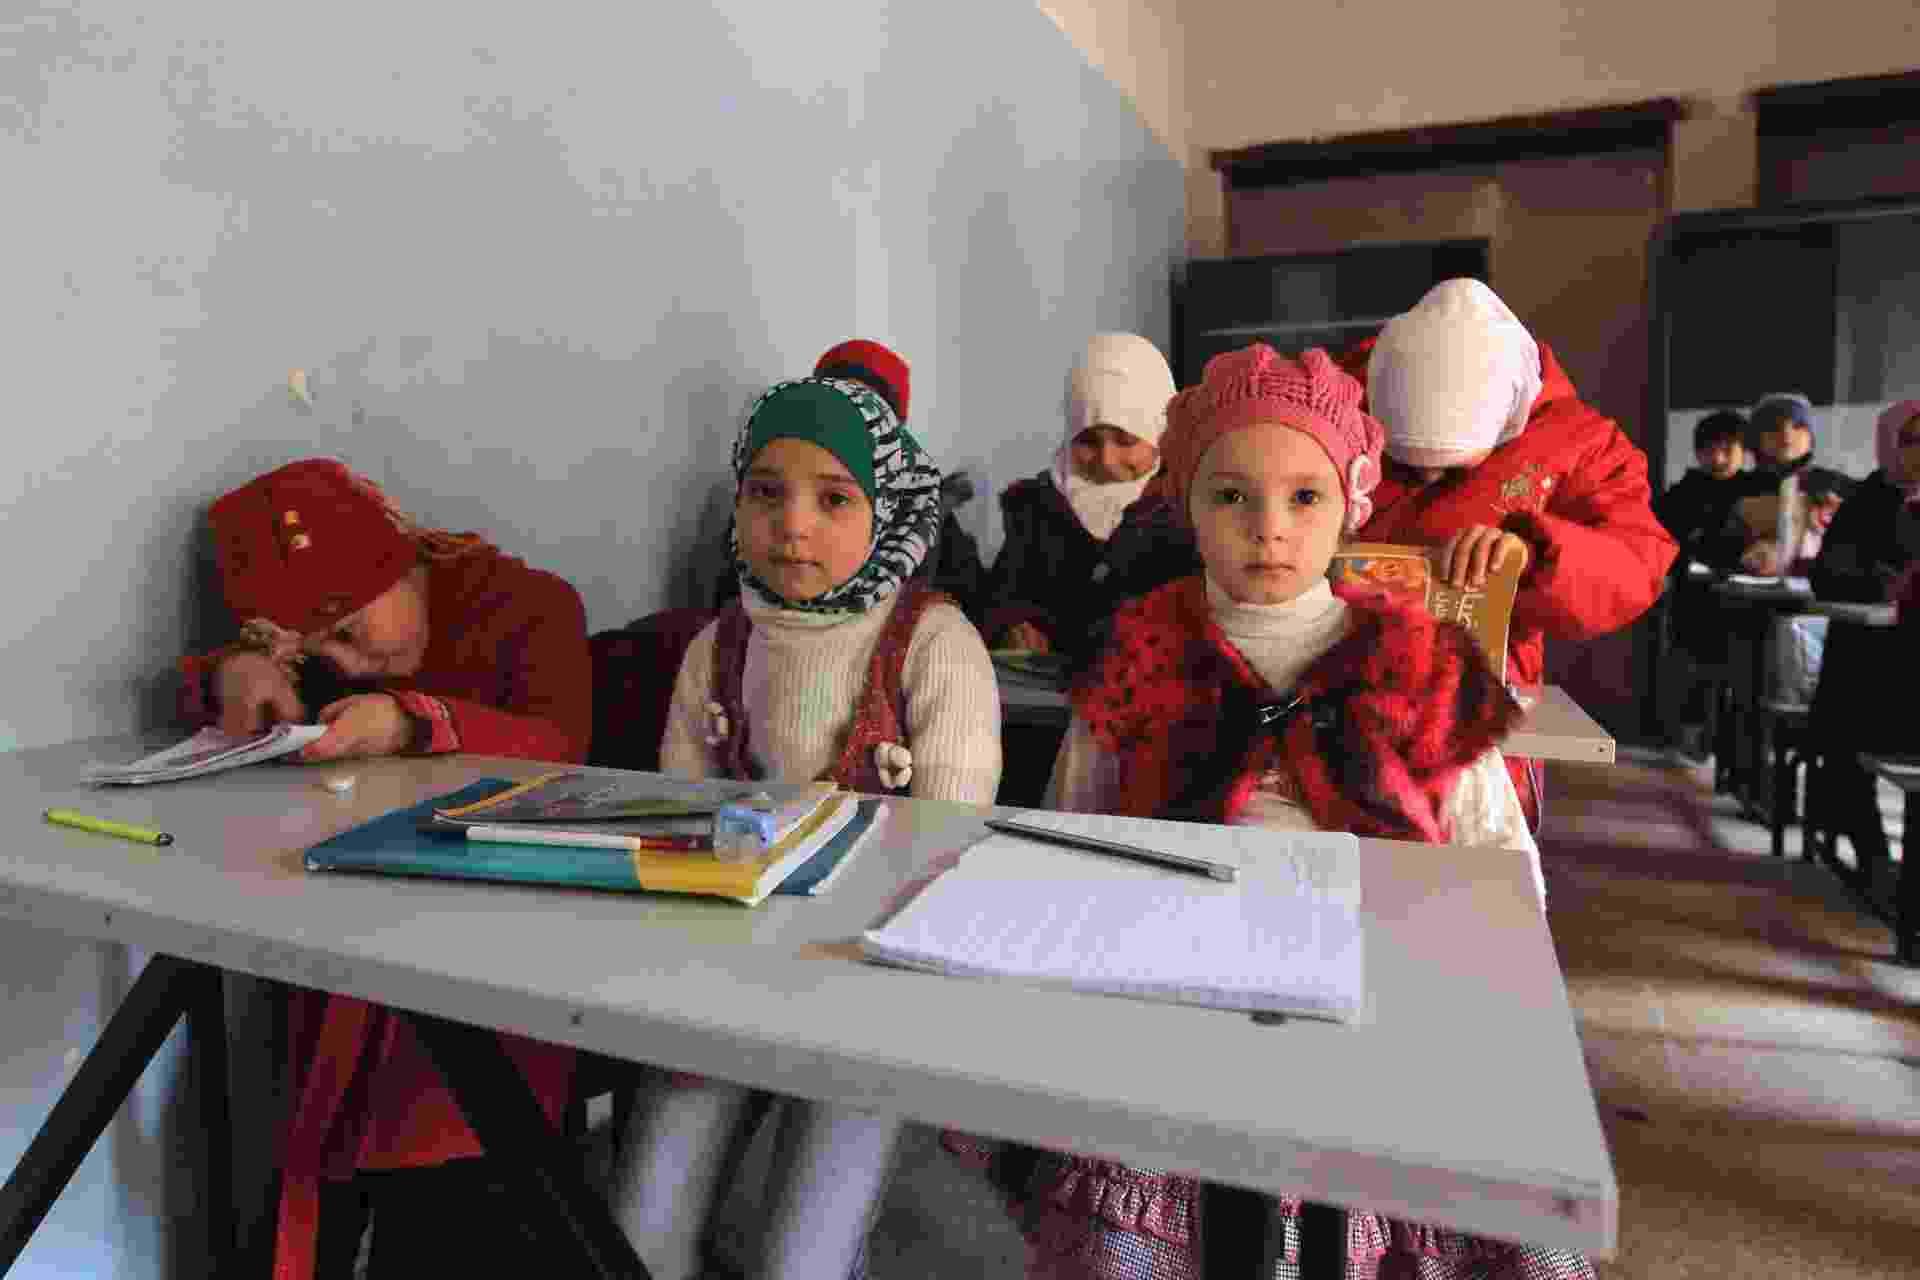 3.jan.2015 - Crianças assistem aula em uma escola em Aleppo, na Síria - Reuters/Jalal Al-Mamo